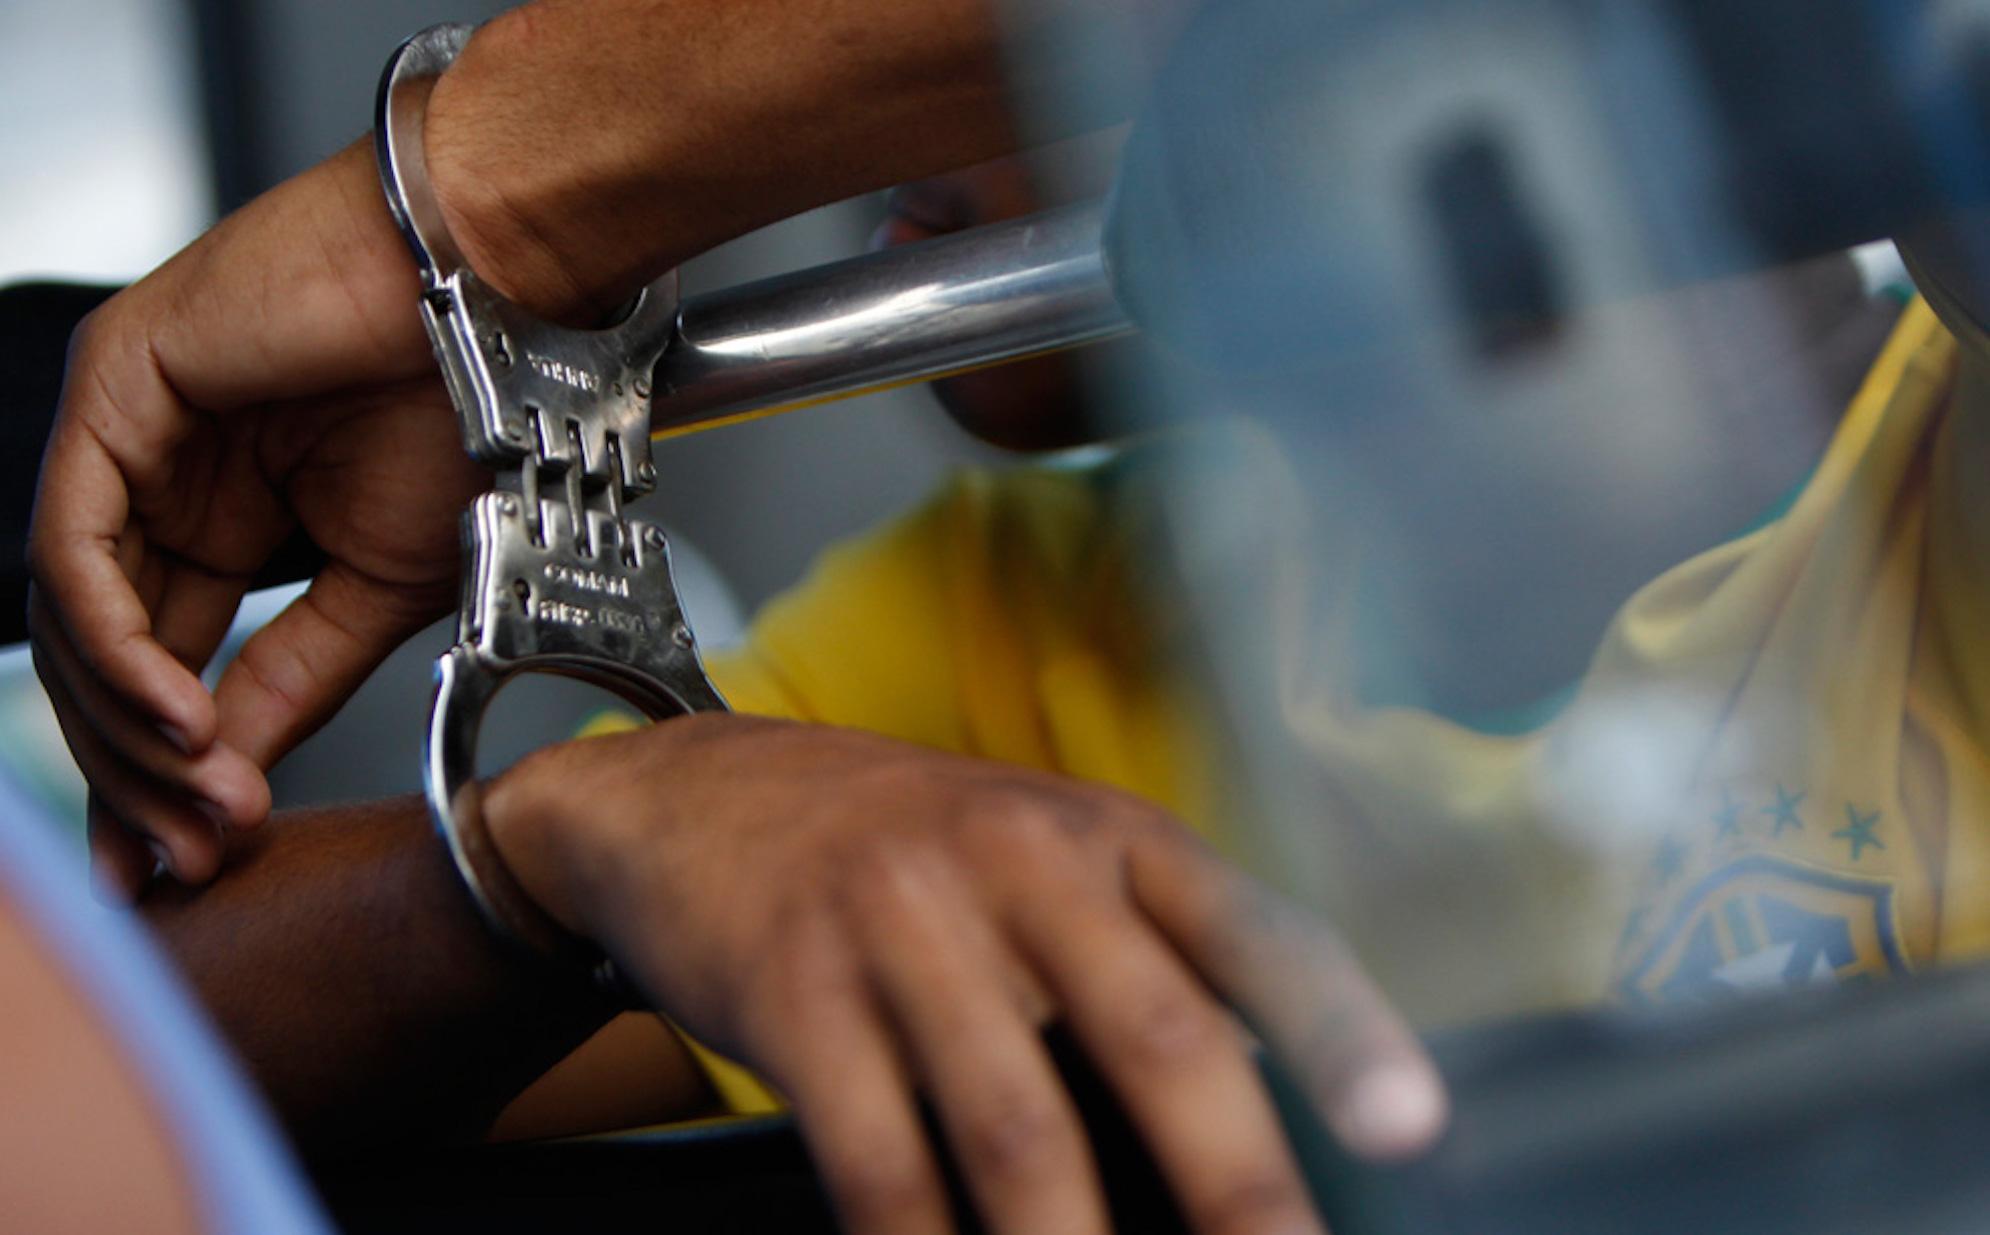 Nguyên nhân Trưởng phòng Sở Nội vụ Thanh Hóa bị bắt tại nhà